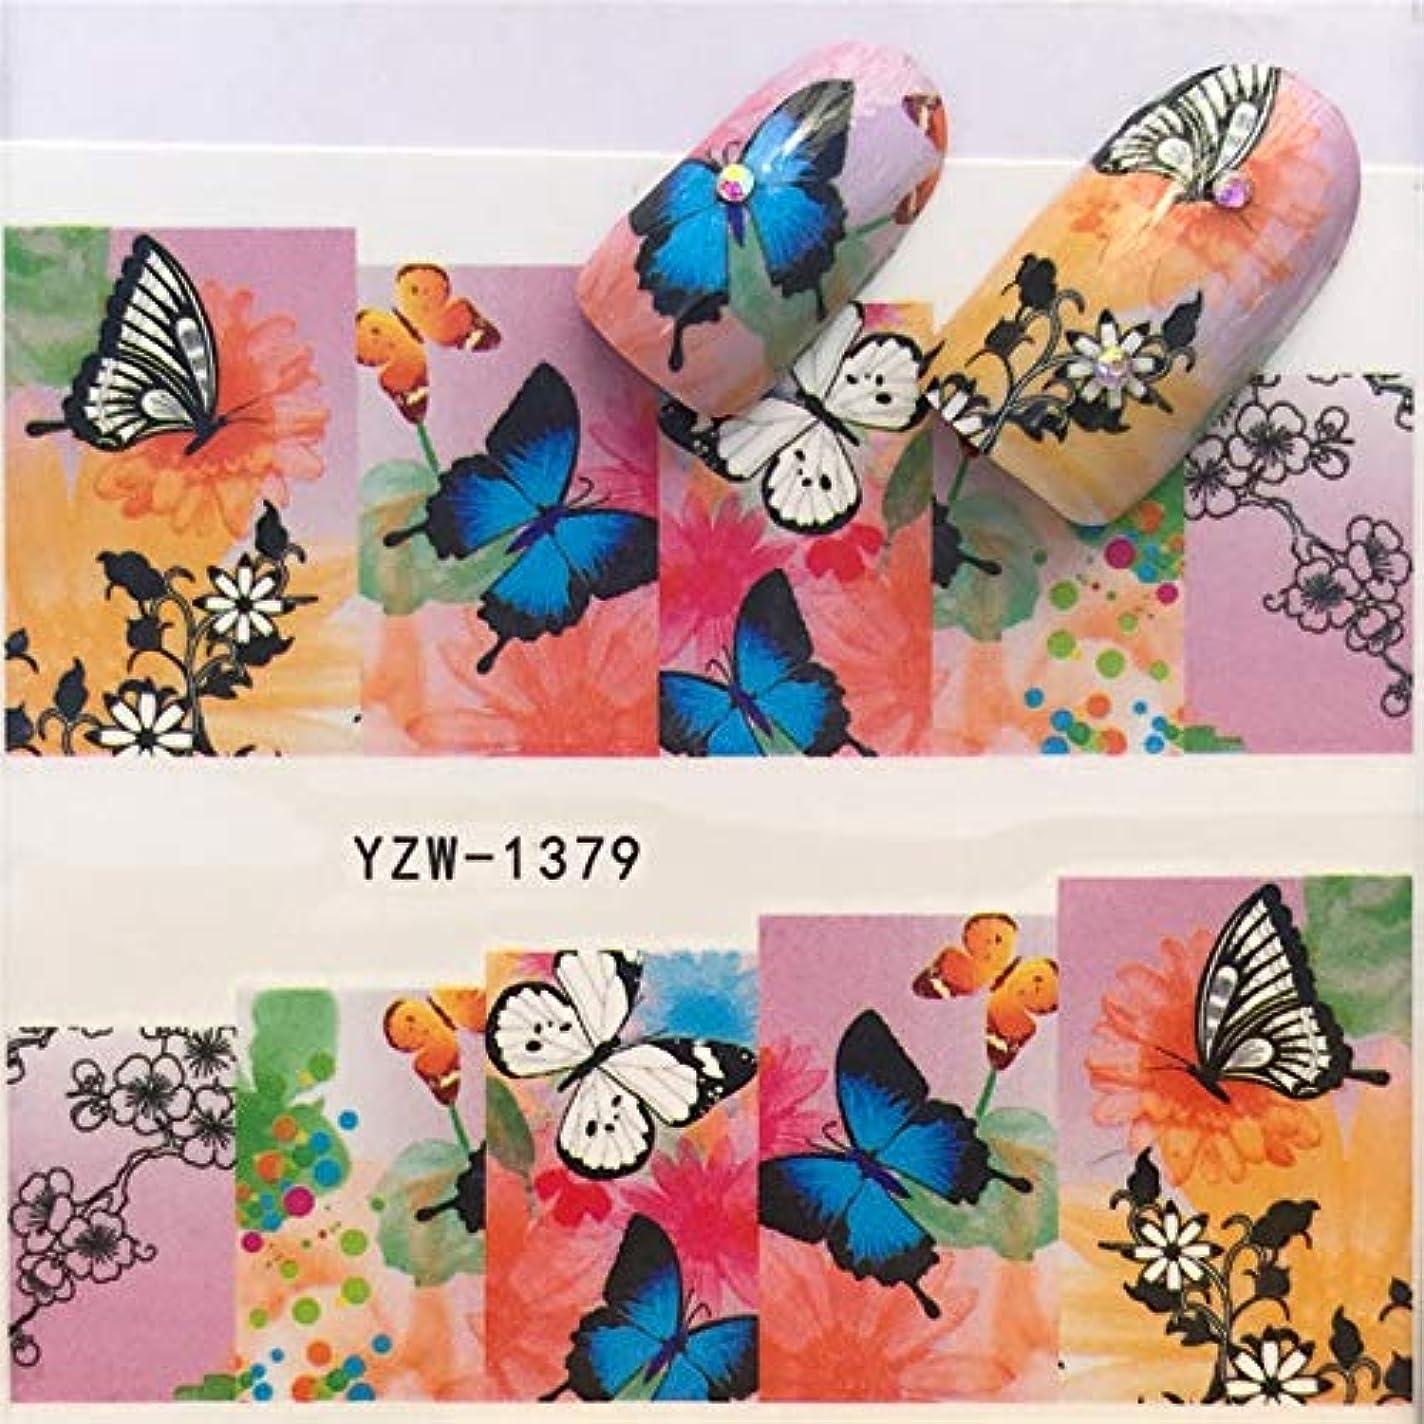 マット裏切り者混合手足ビューティーケア 3ピースネイルステッカーセットデカール水転写スライダーネイルアートデコレーション、色:YZW1379